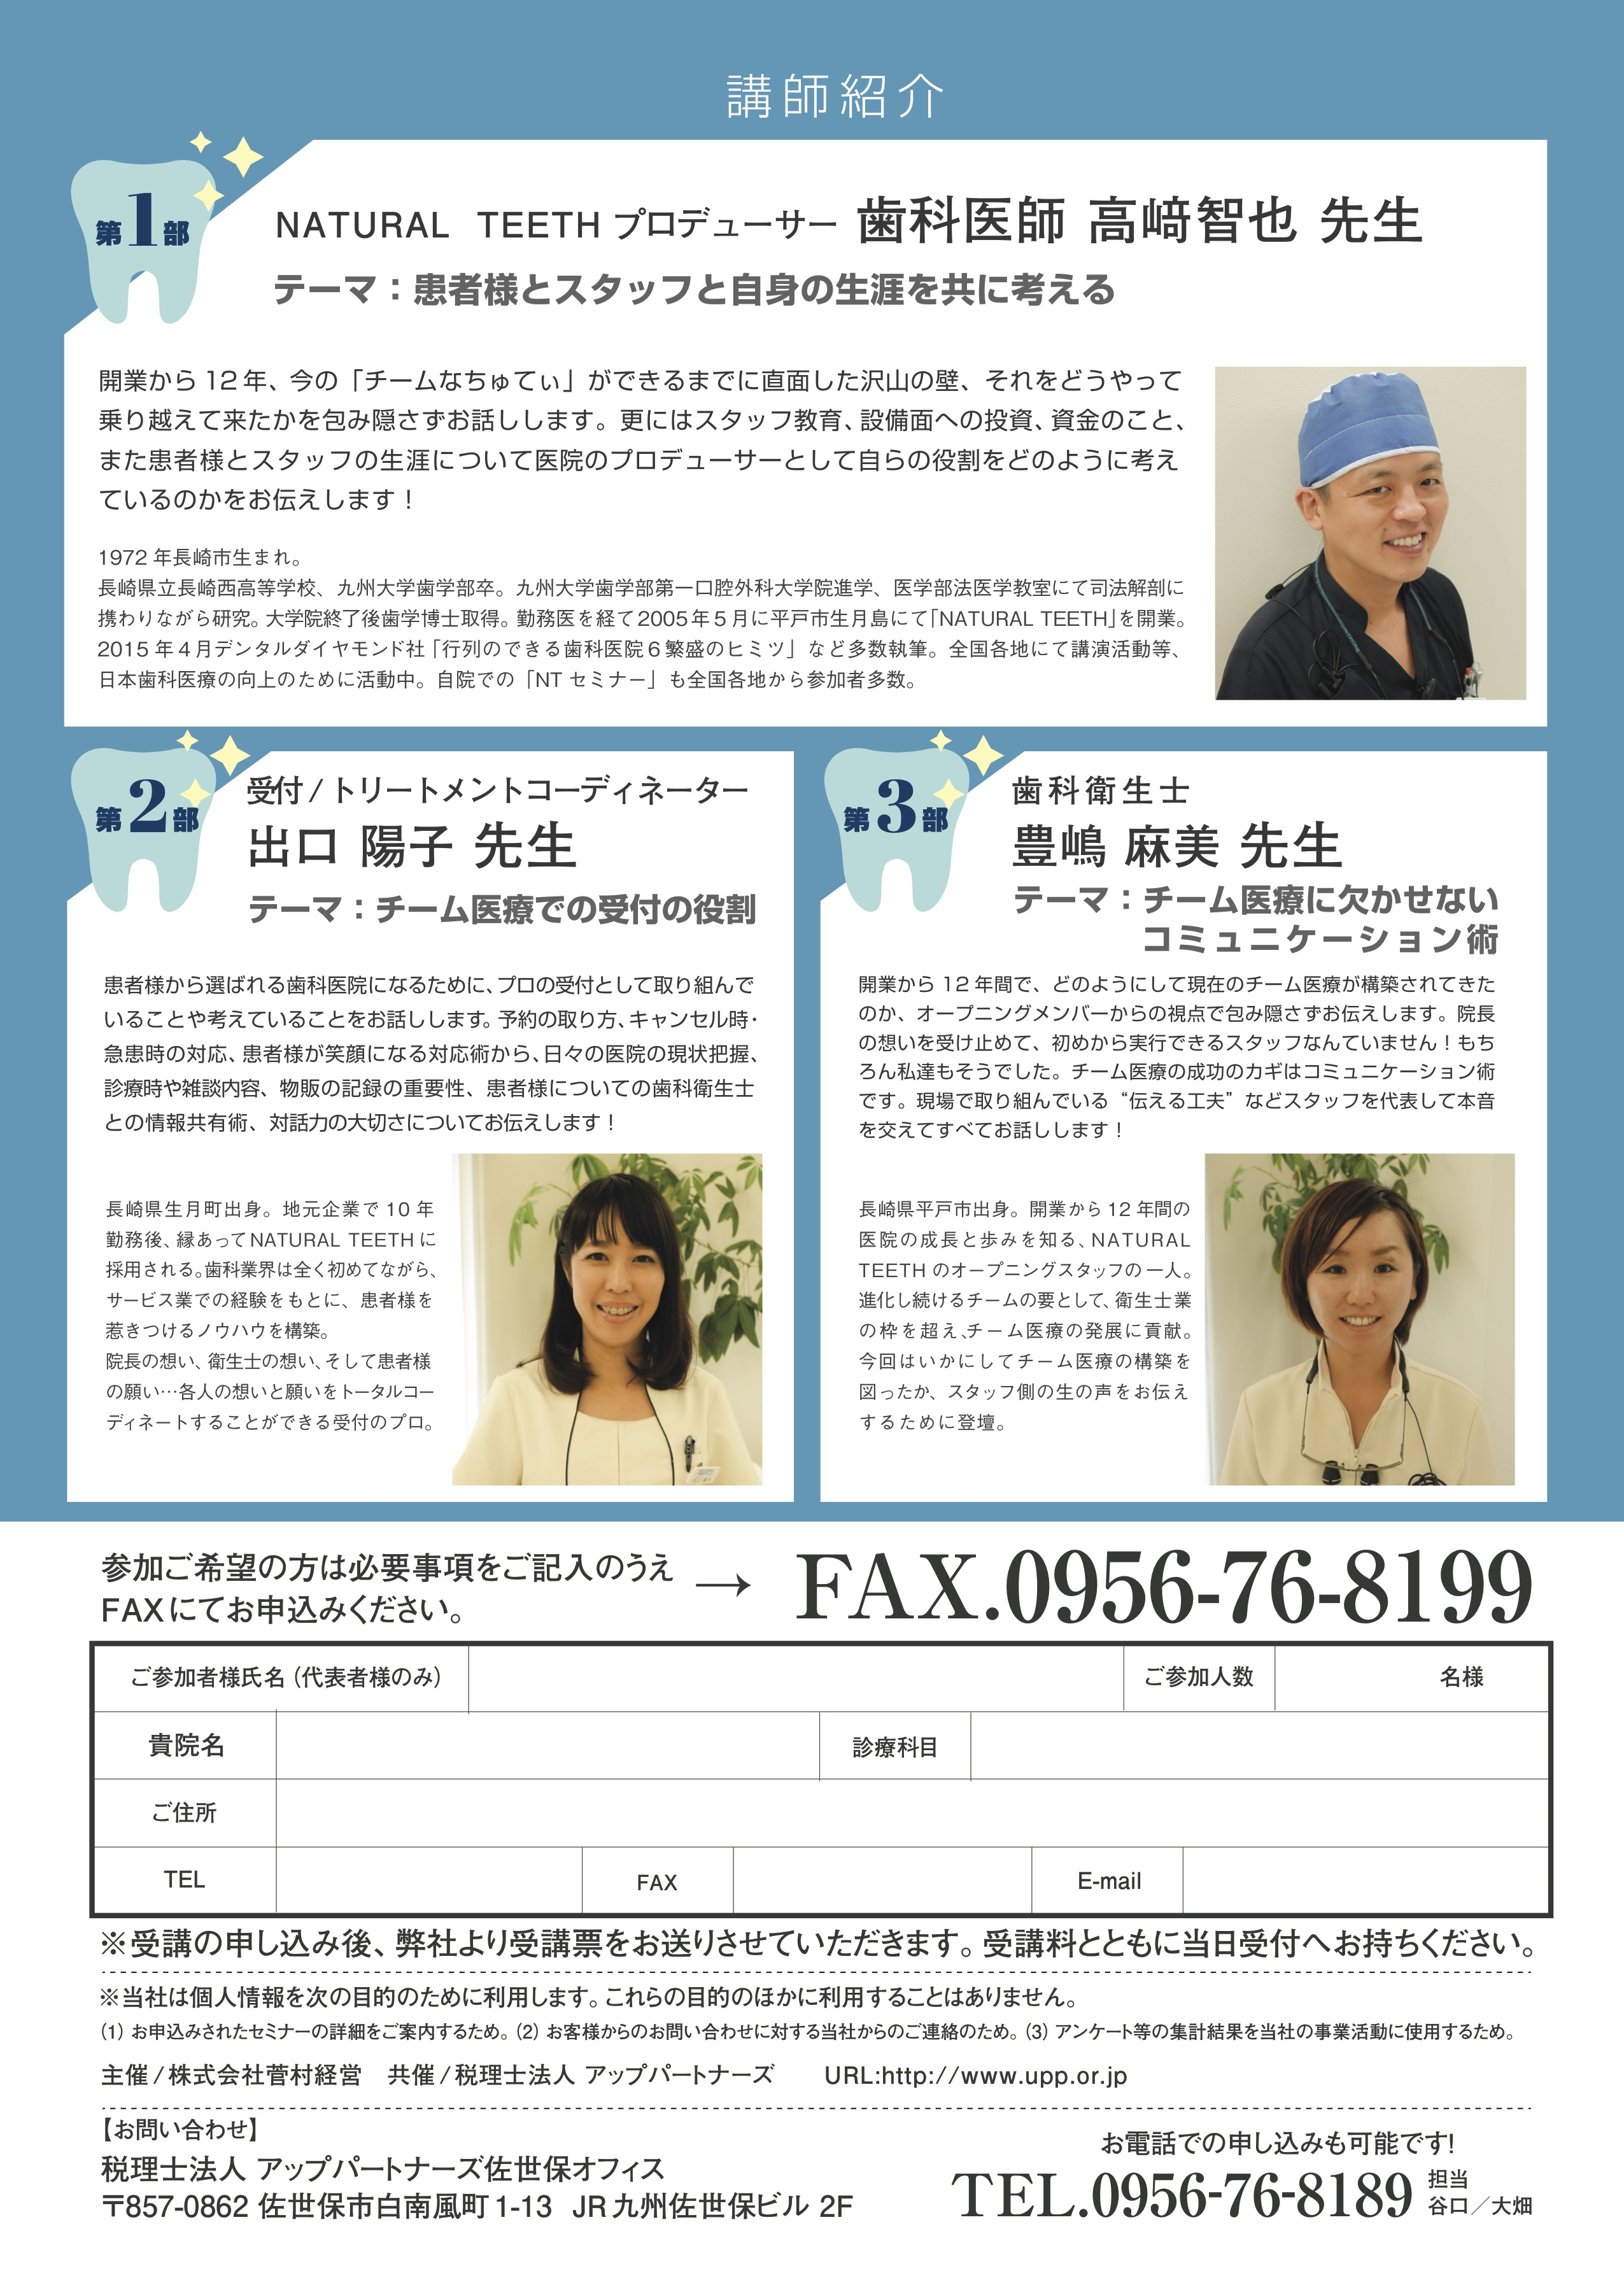 チーム医療 歯科 長崎 佐世保 ナチュラルティース2